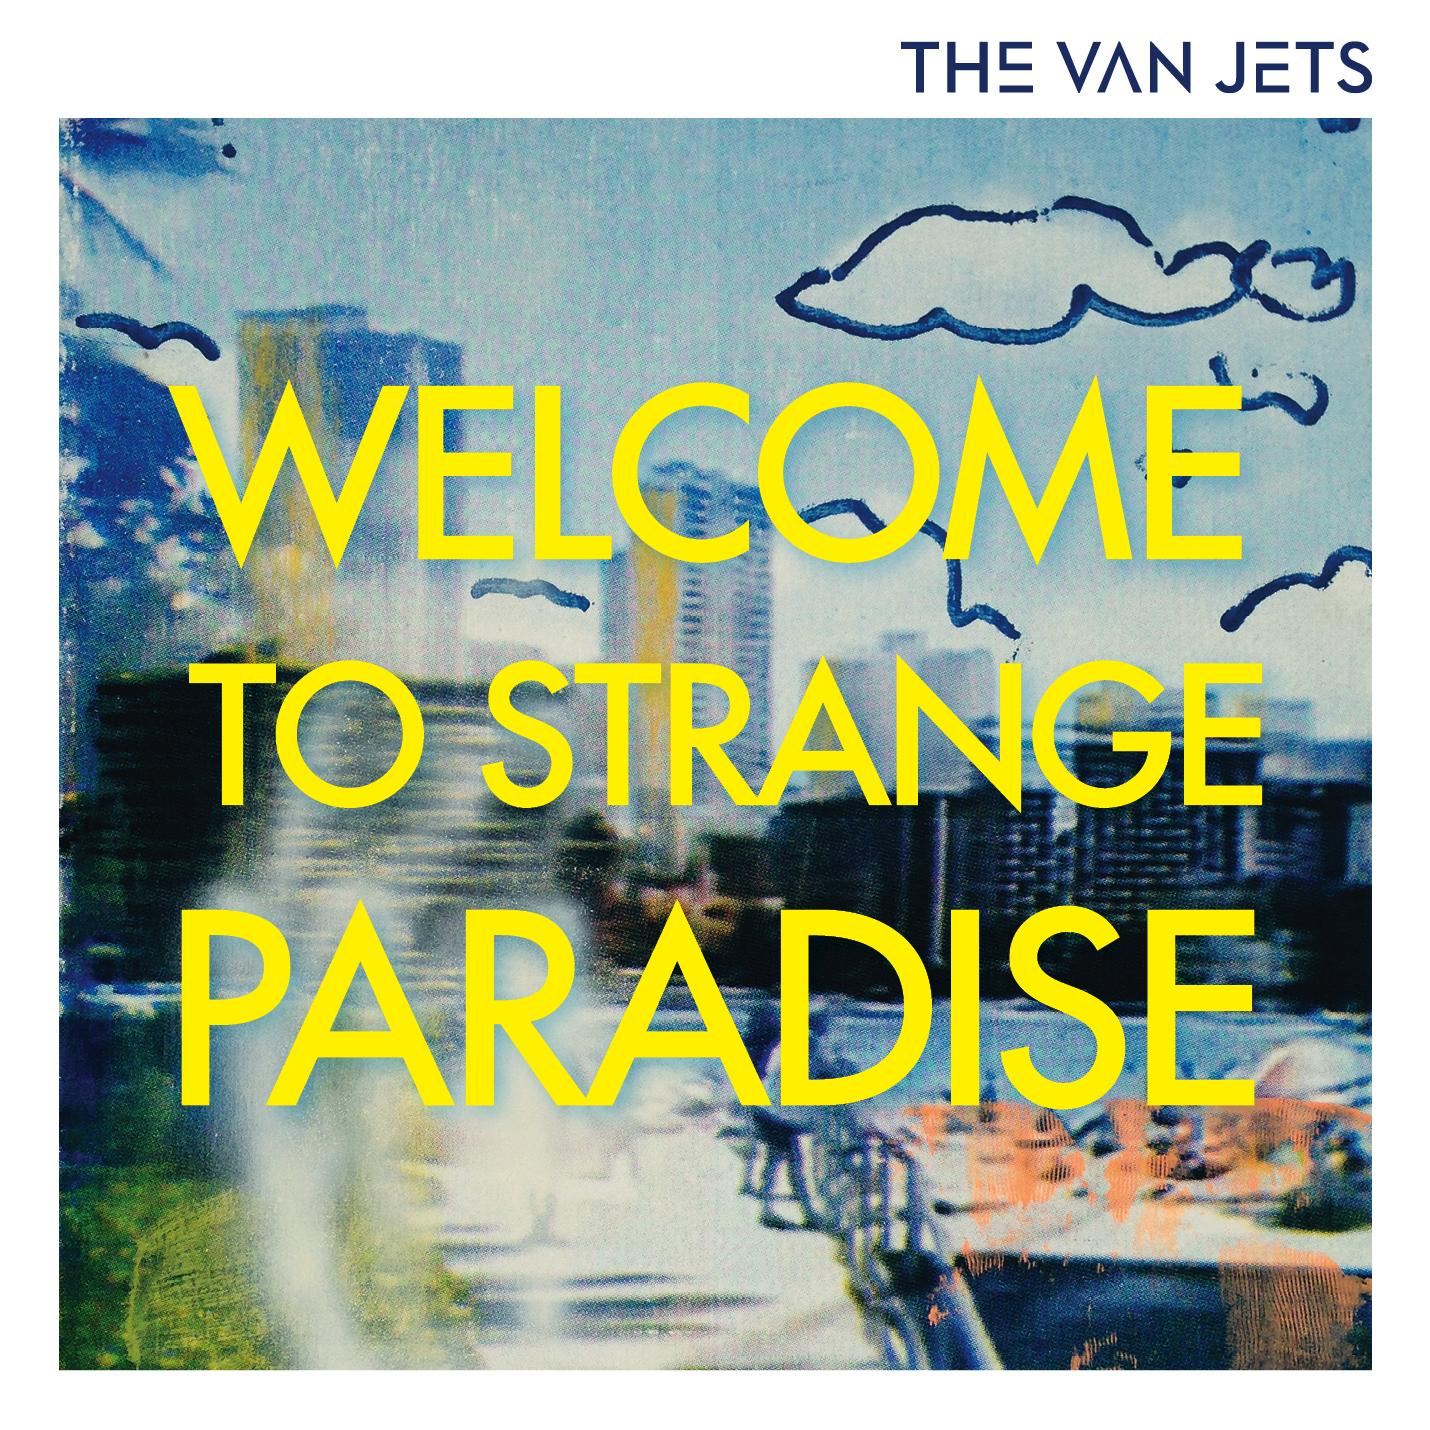 LA- The Van Jets.jpg